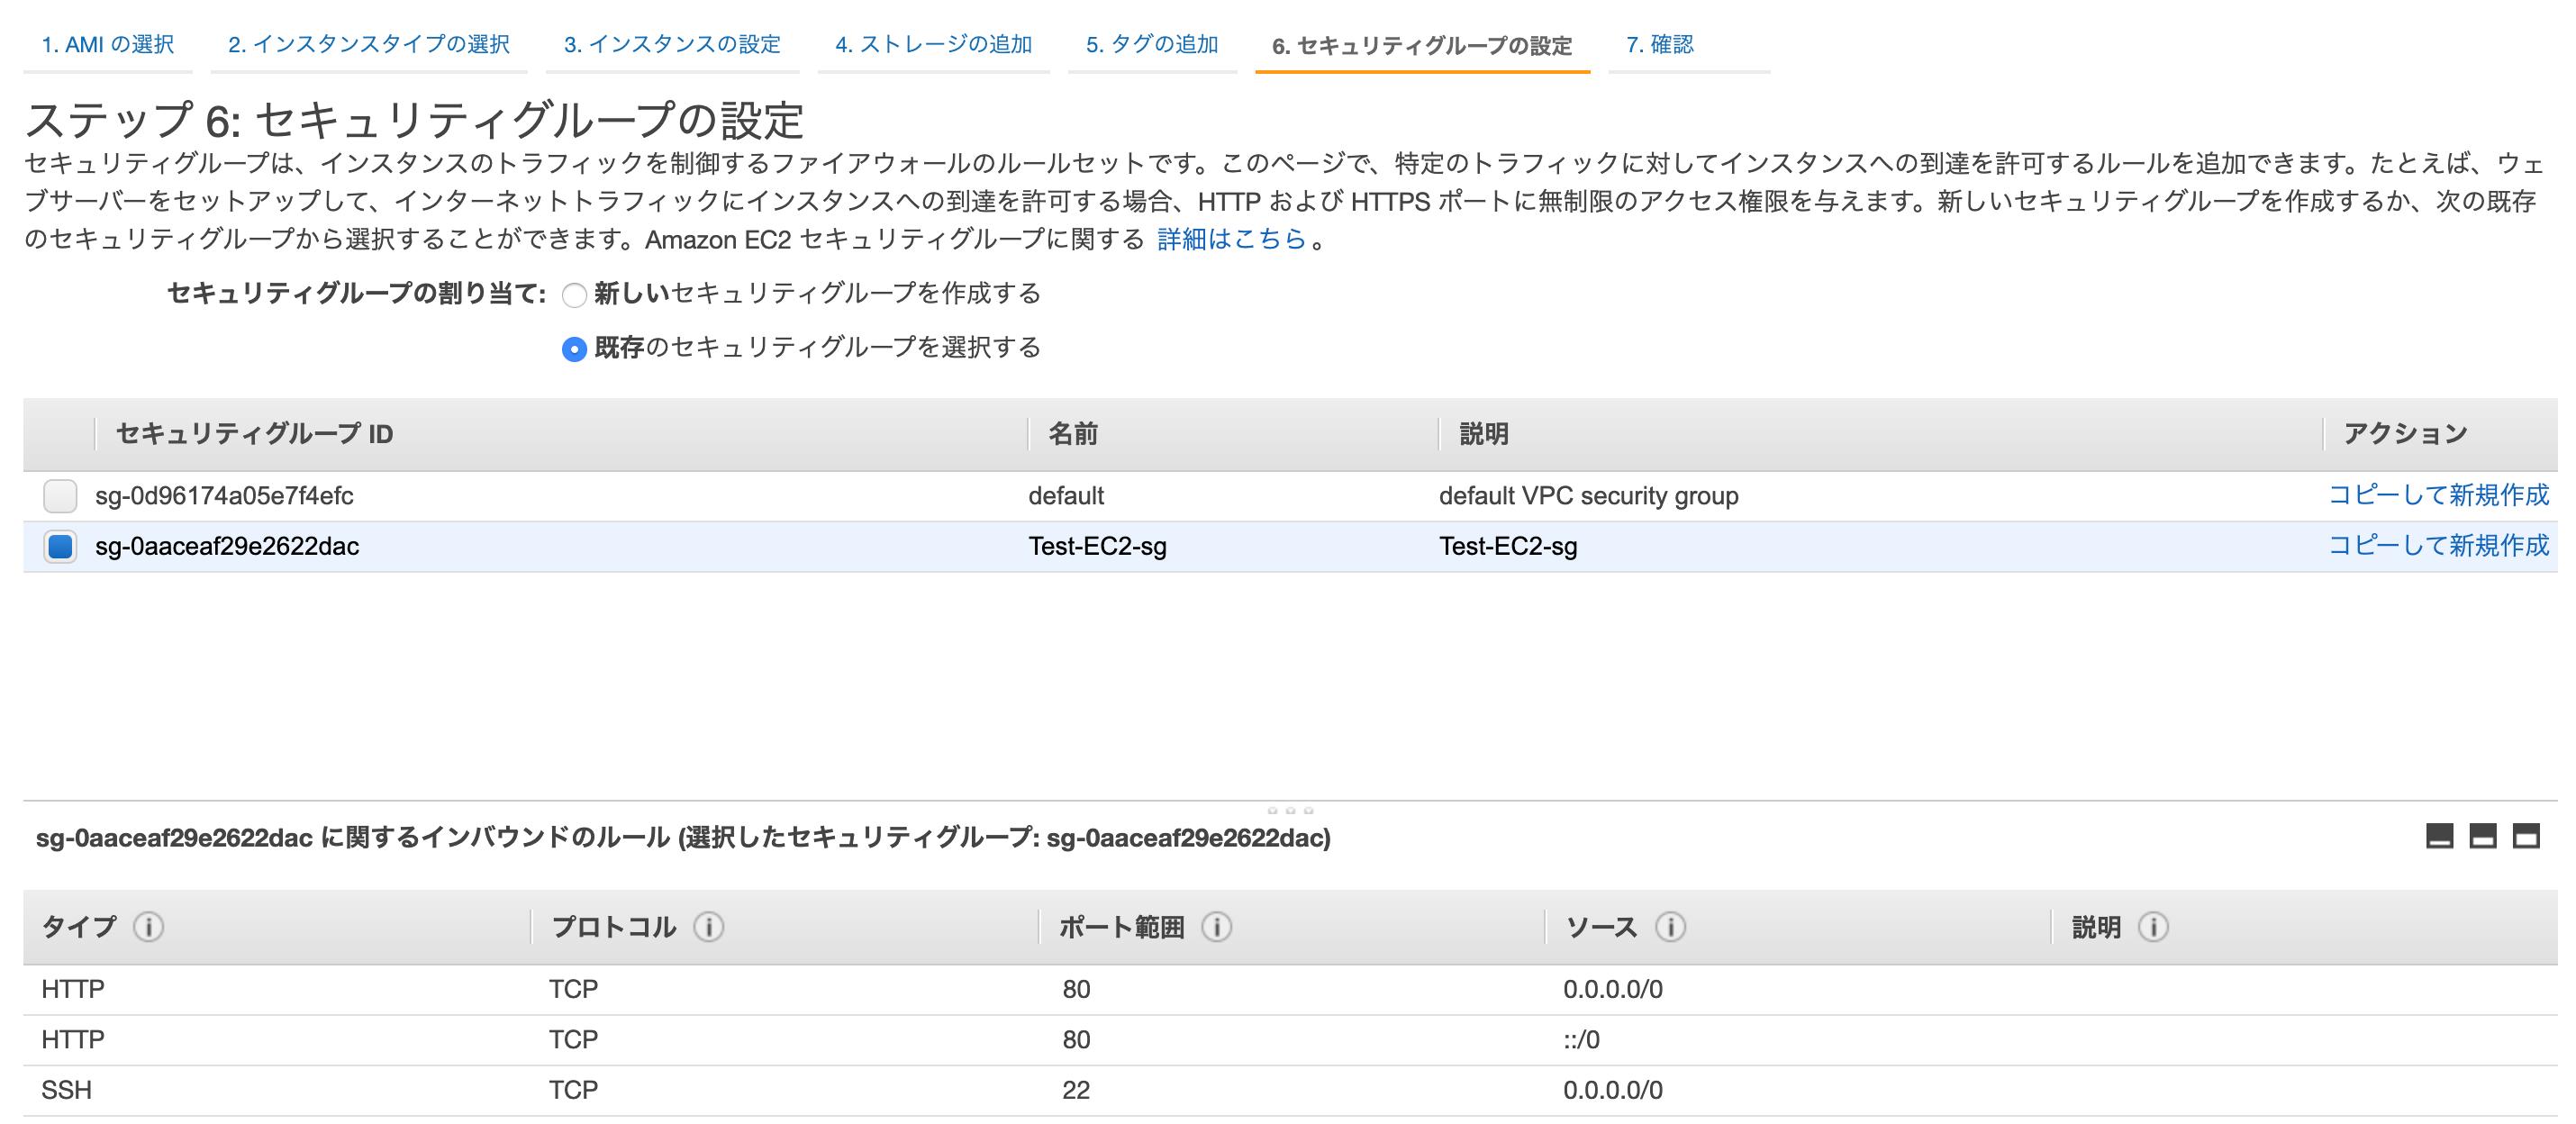 スクリーンショット 2020-03-18 19.41.38.png